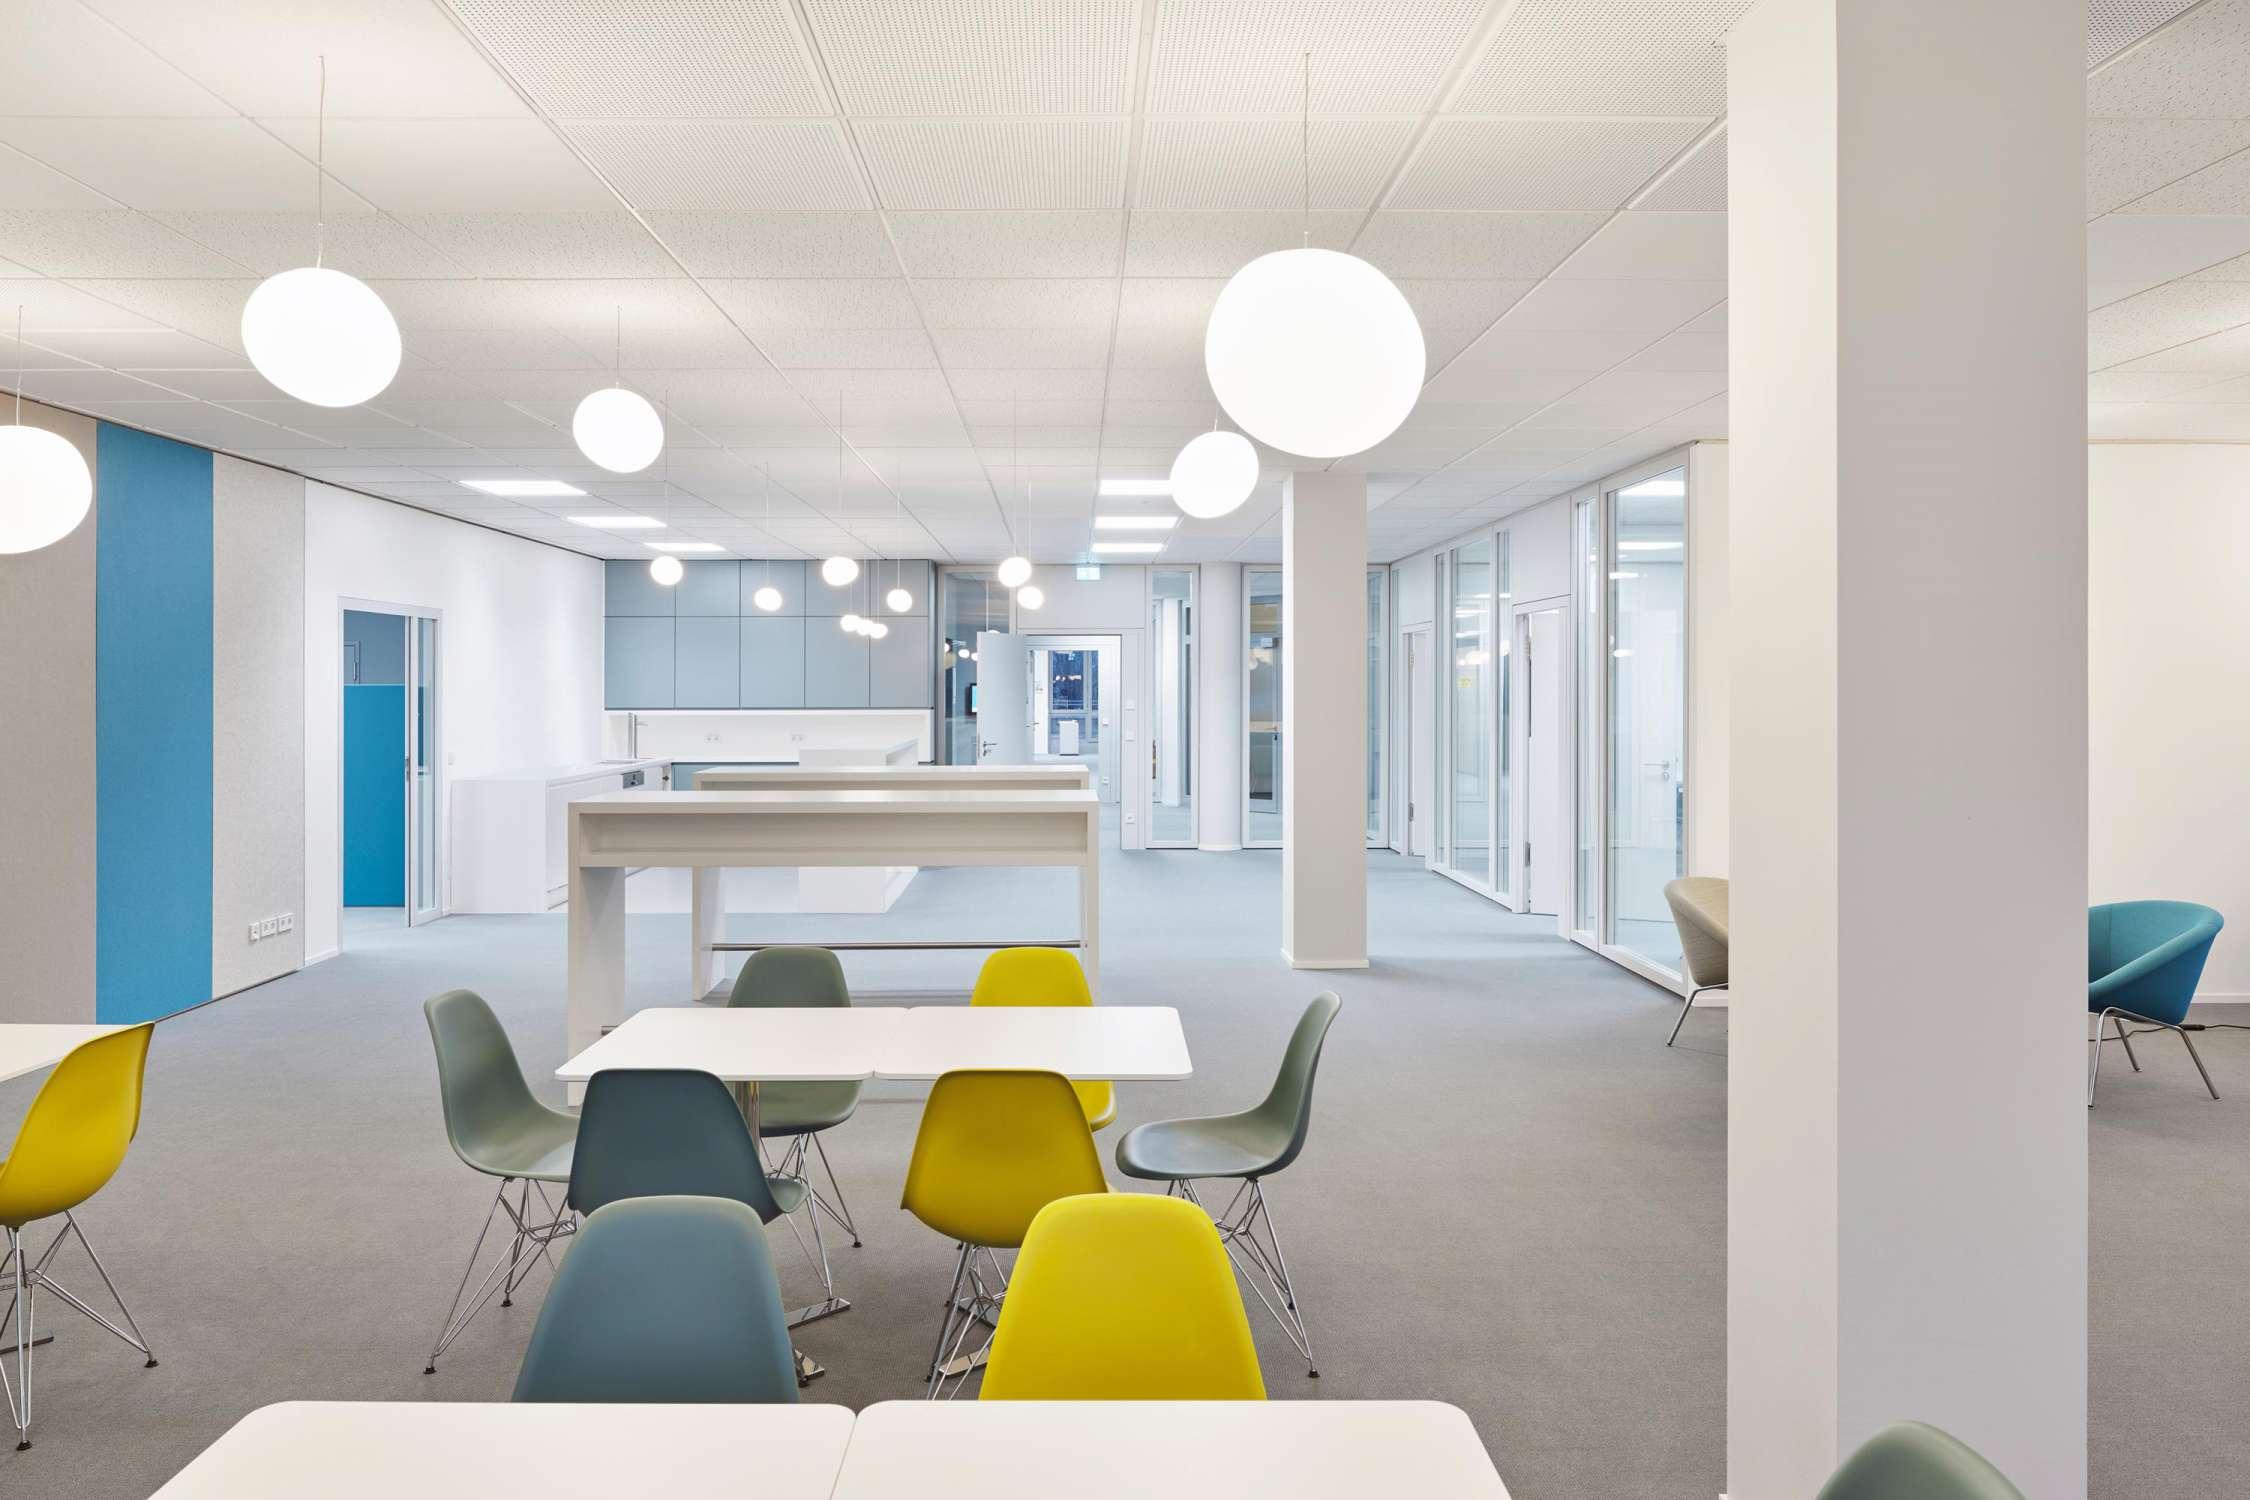 Büro- und Laborräume für Produktentwicklungsprozesse (9)